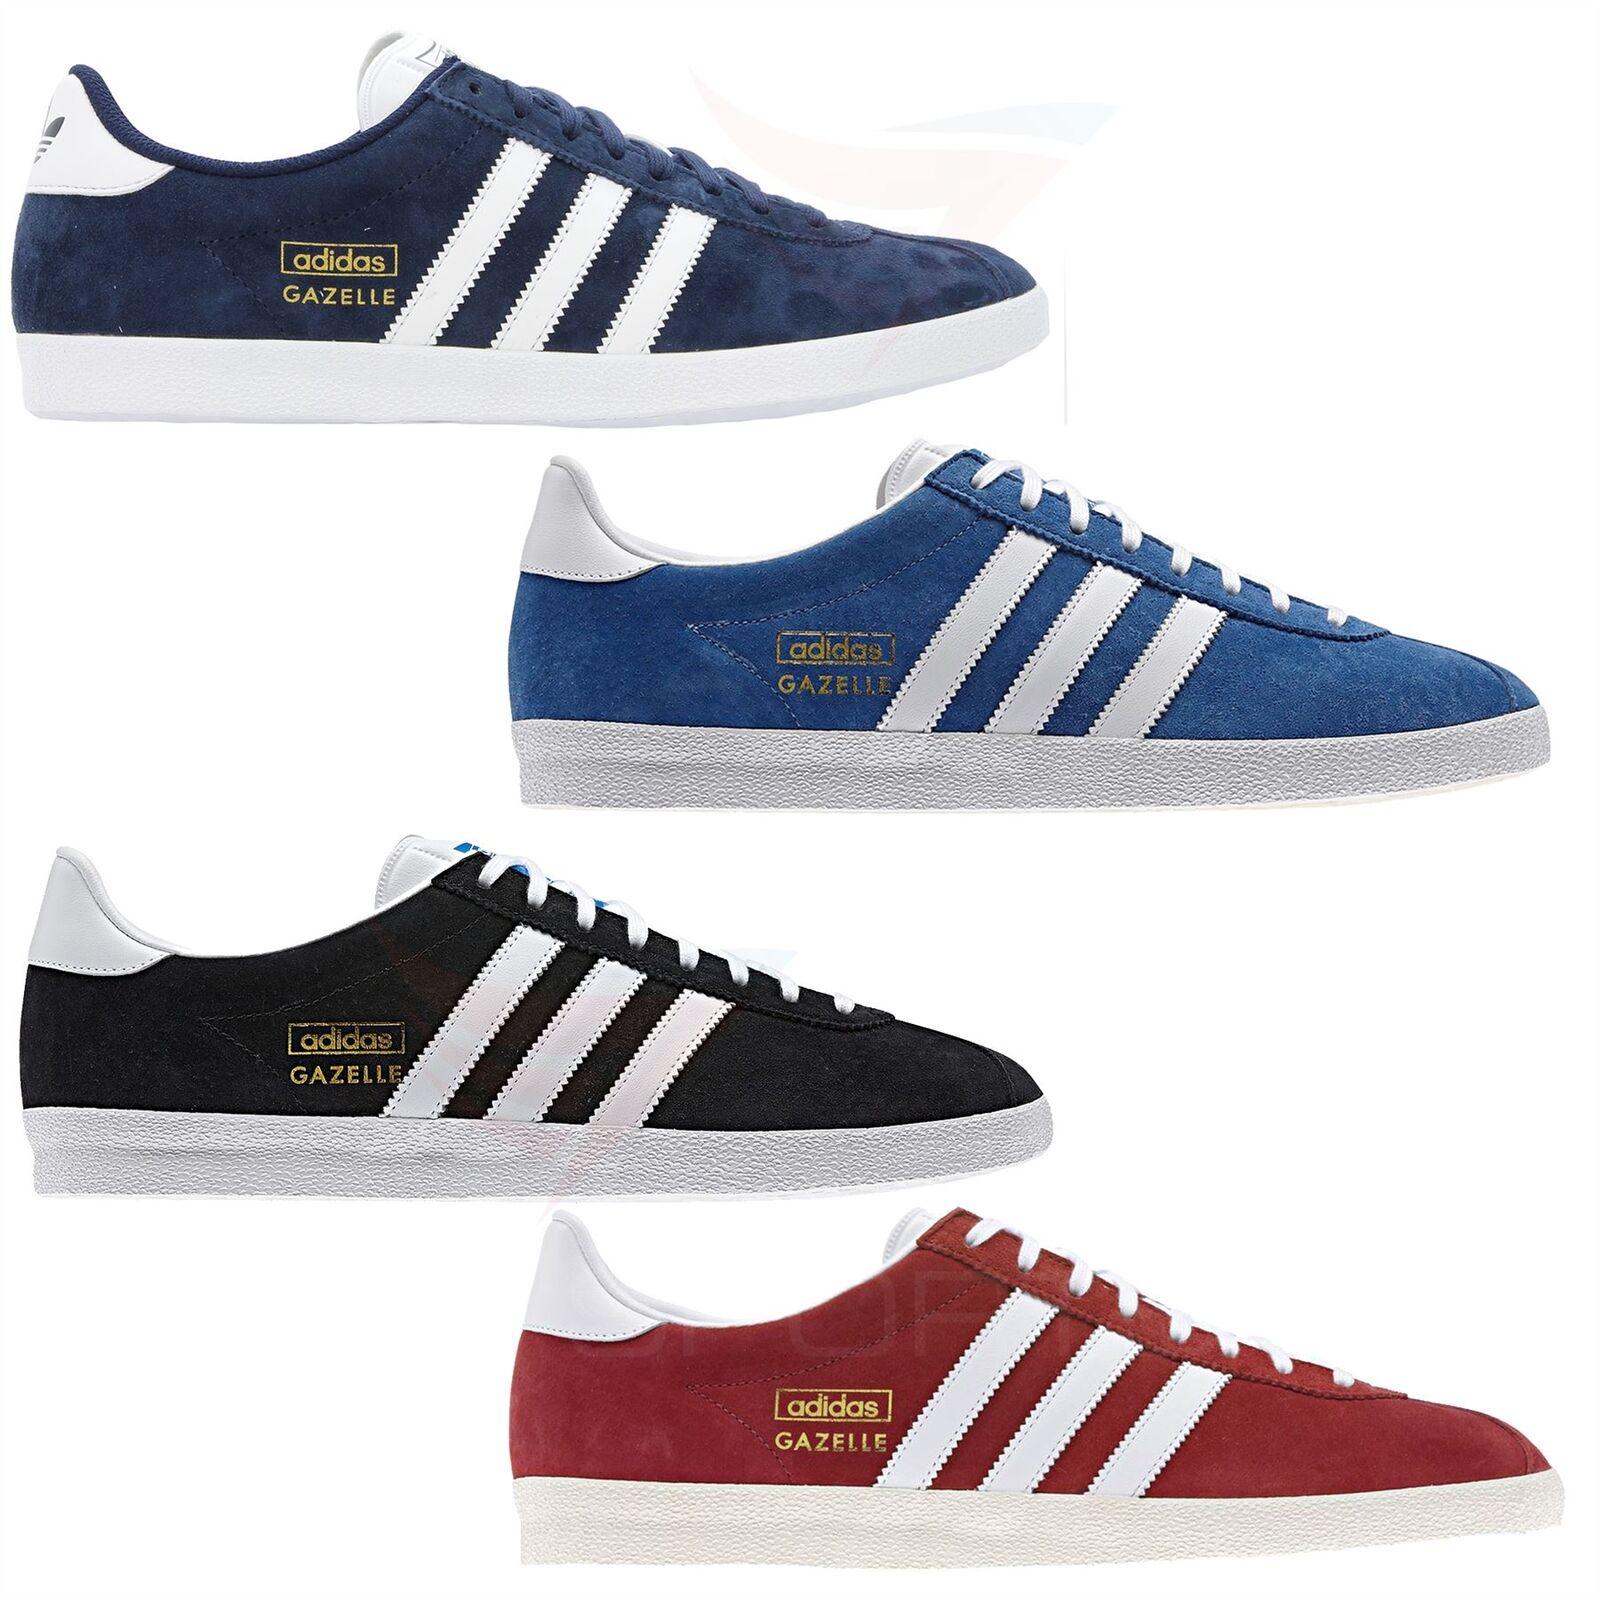 Adidas Gazelle OG Zapatillas zapatillas Originals Gamuza Rojo Azul Negro Marina hombres oro